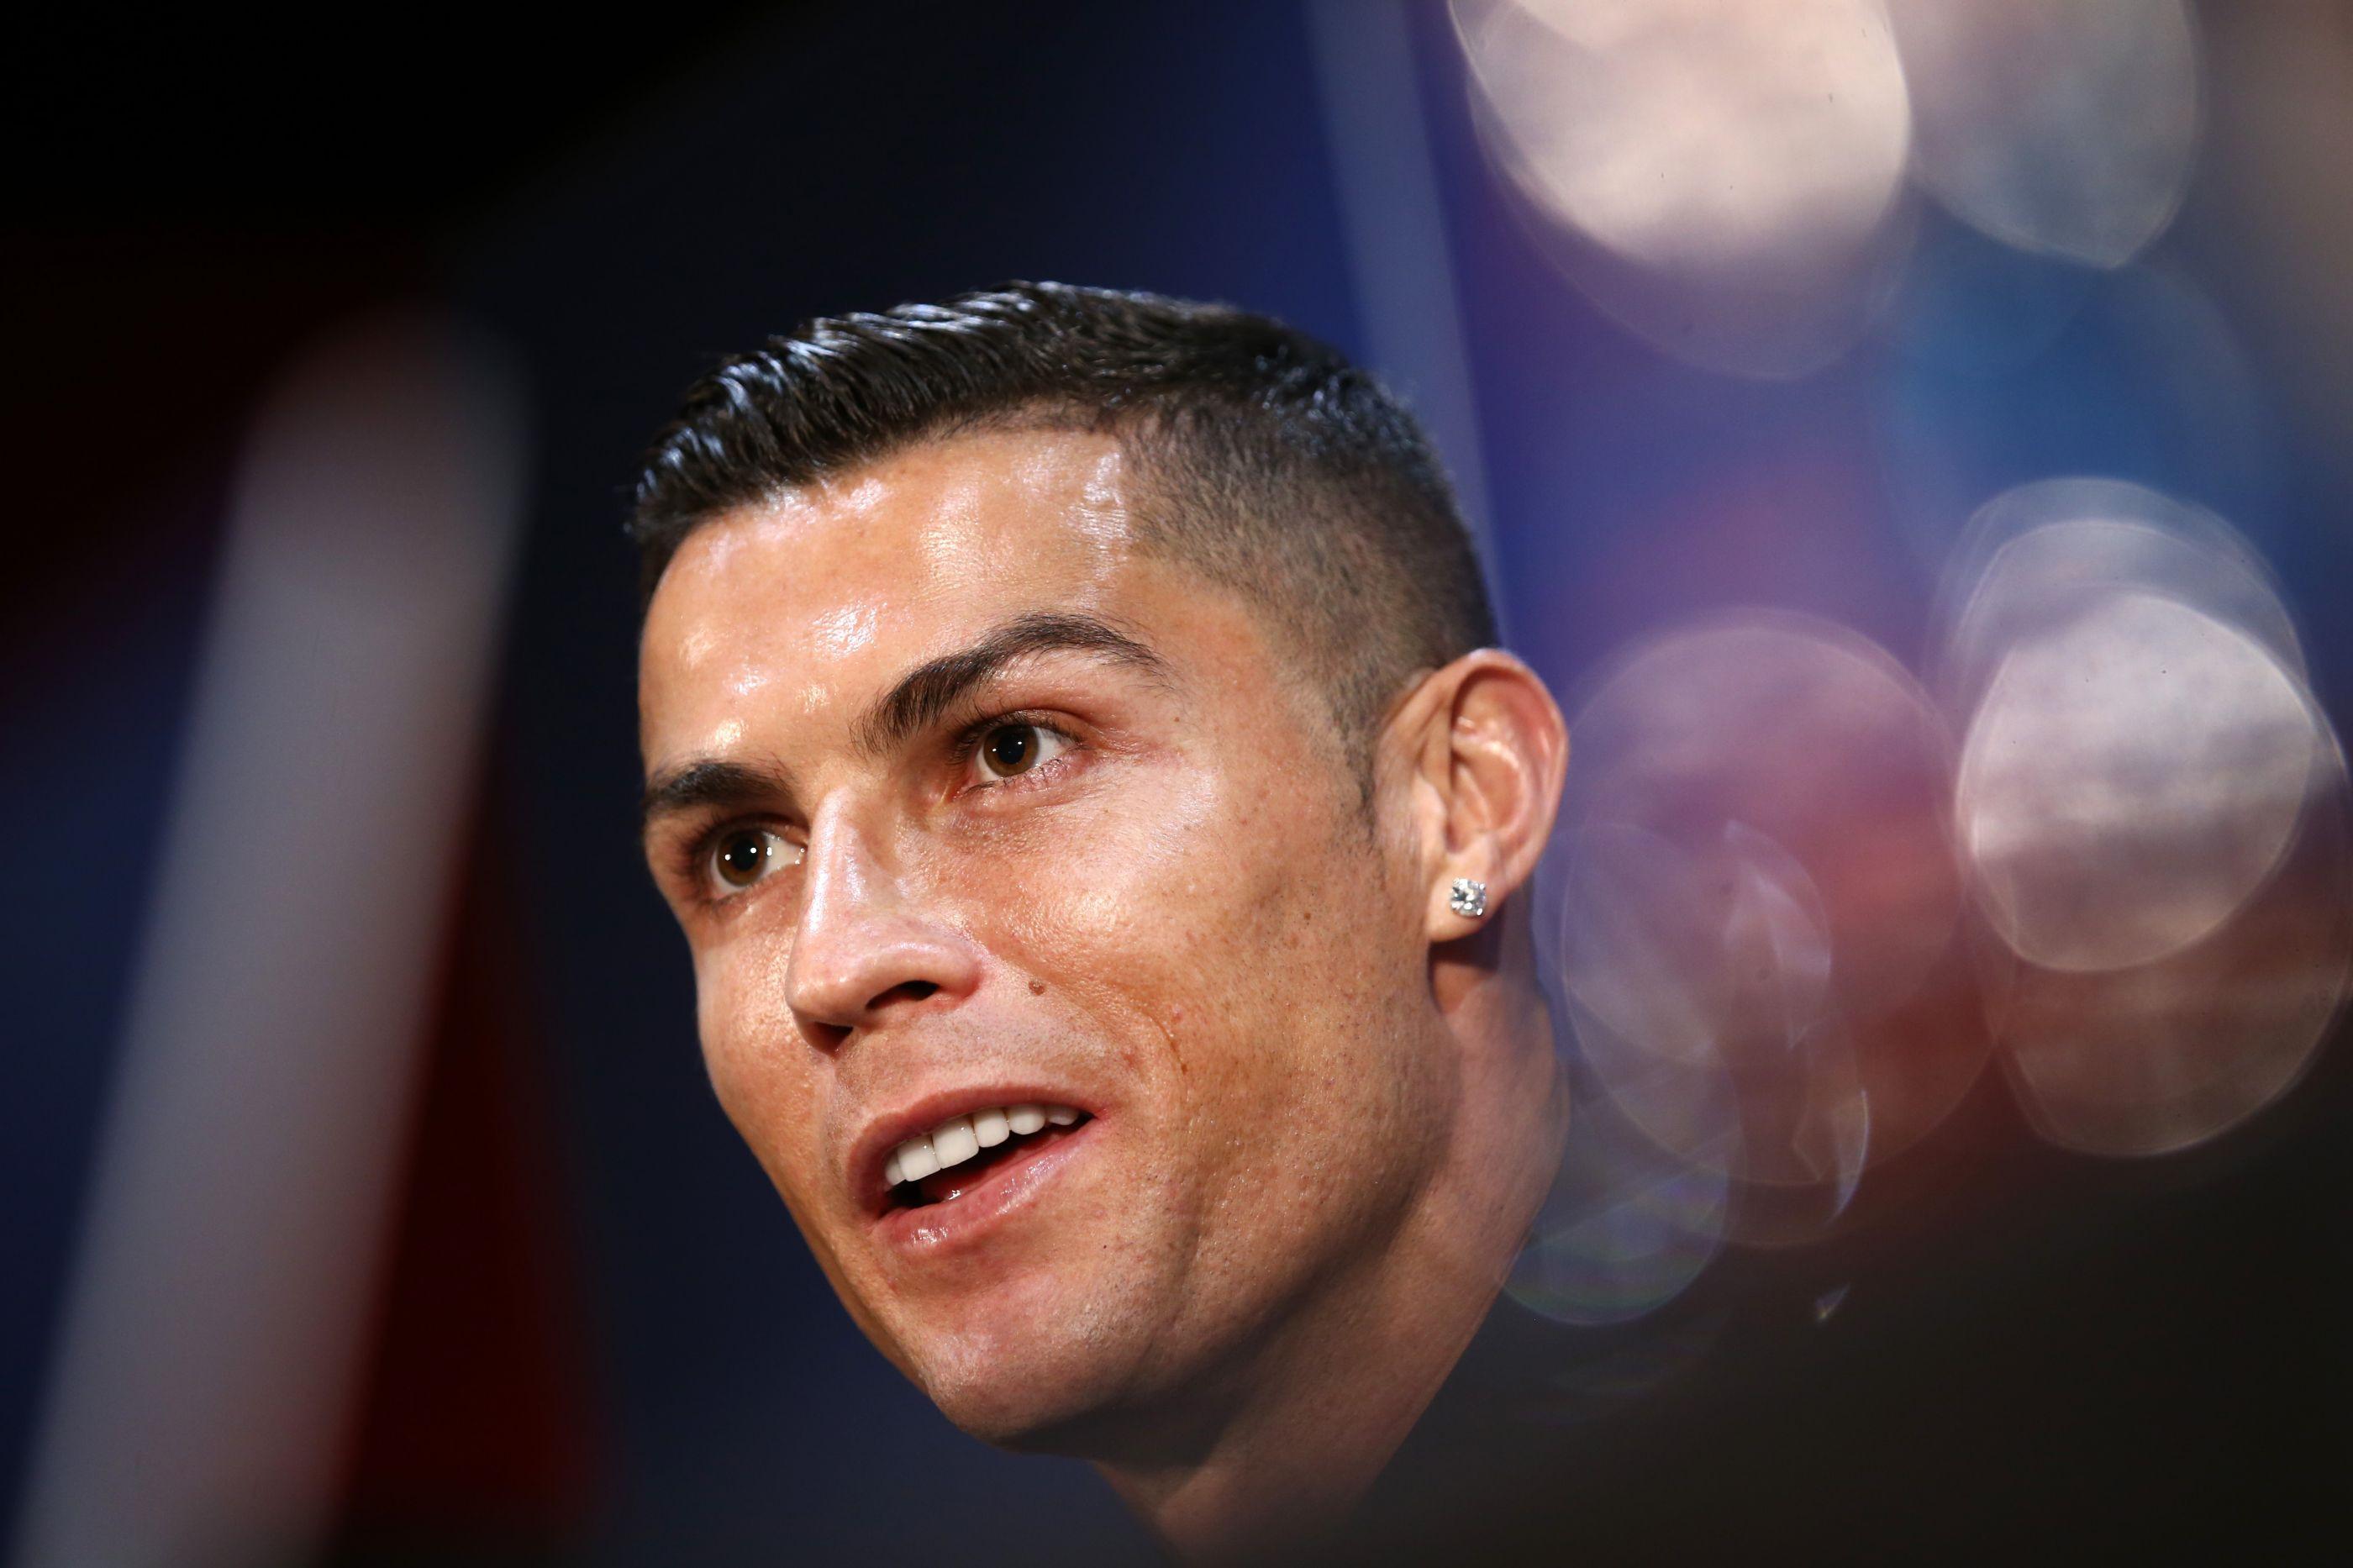 """Ronaldo e o caso de violação: """"O meu filho é muito pequeno para entender"""""""